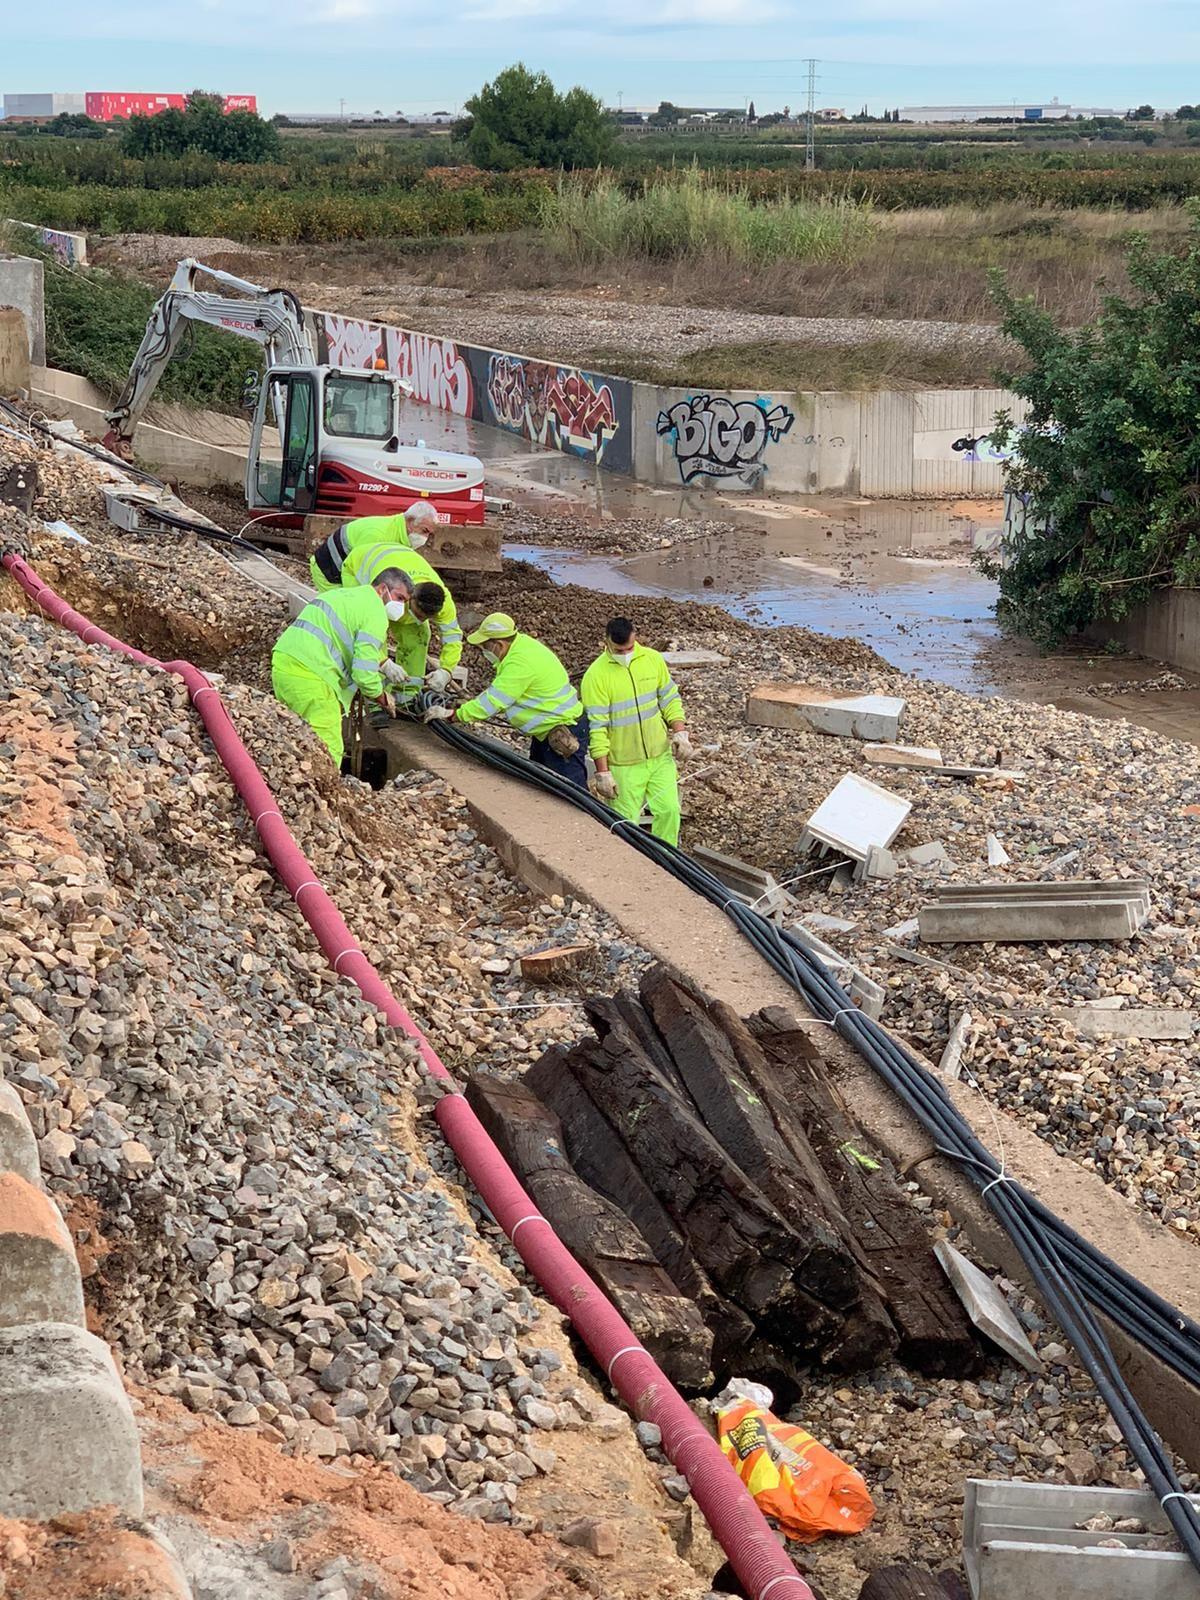 Adif restablece el tráfico ferroviario por ambas vías entre Silla y Benifaió